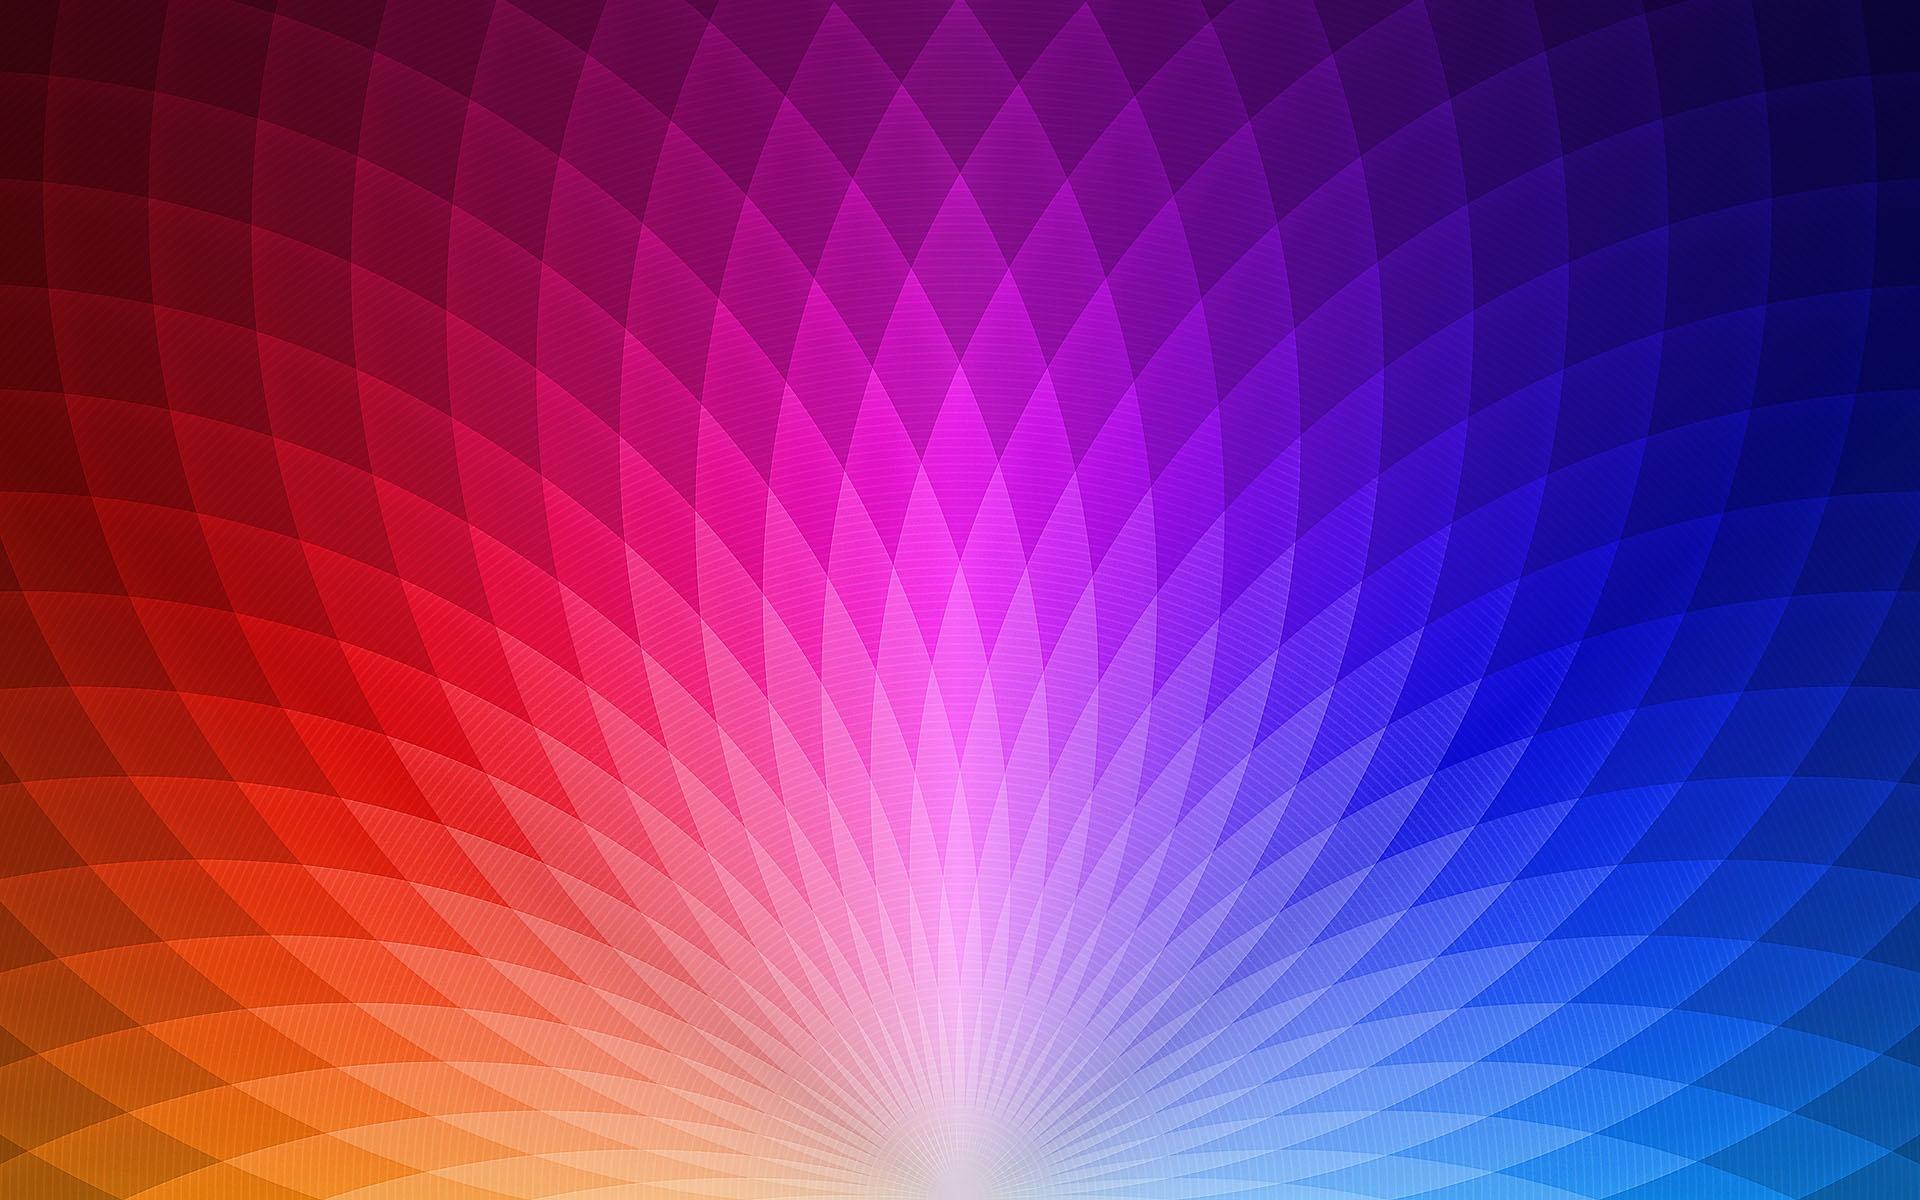 Красочный абстрактный. обои скачать